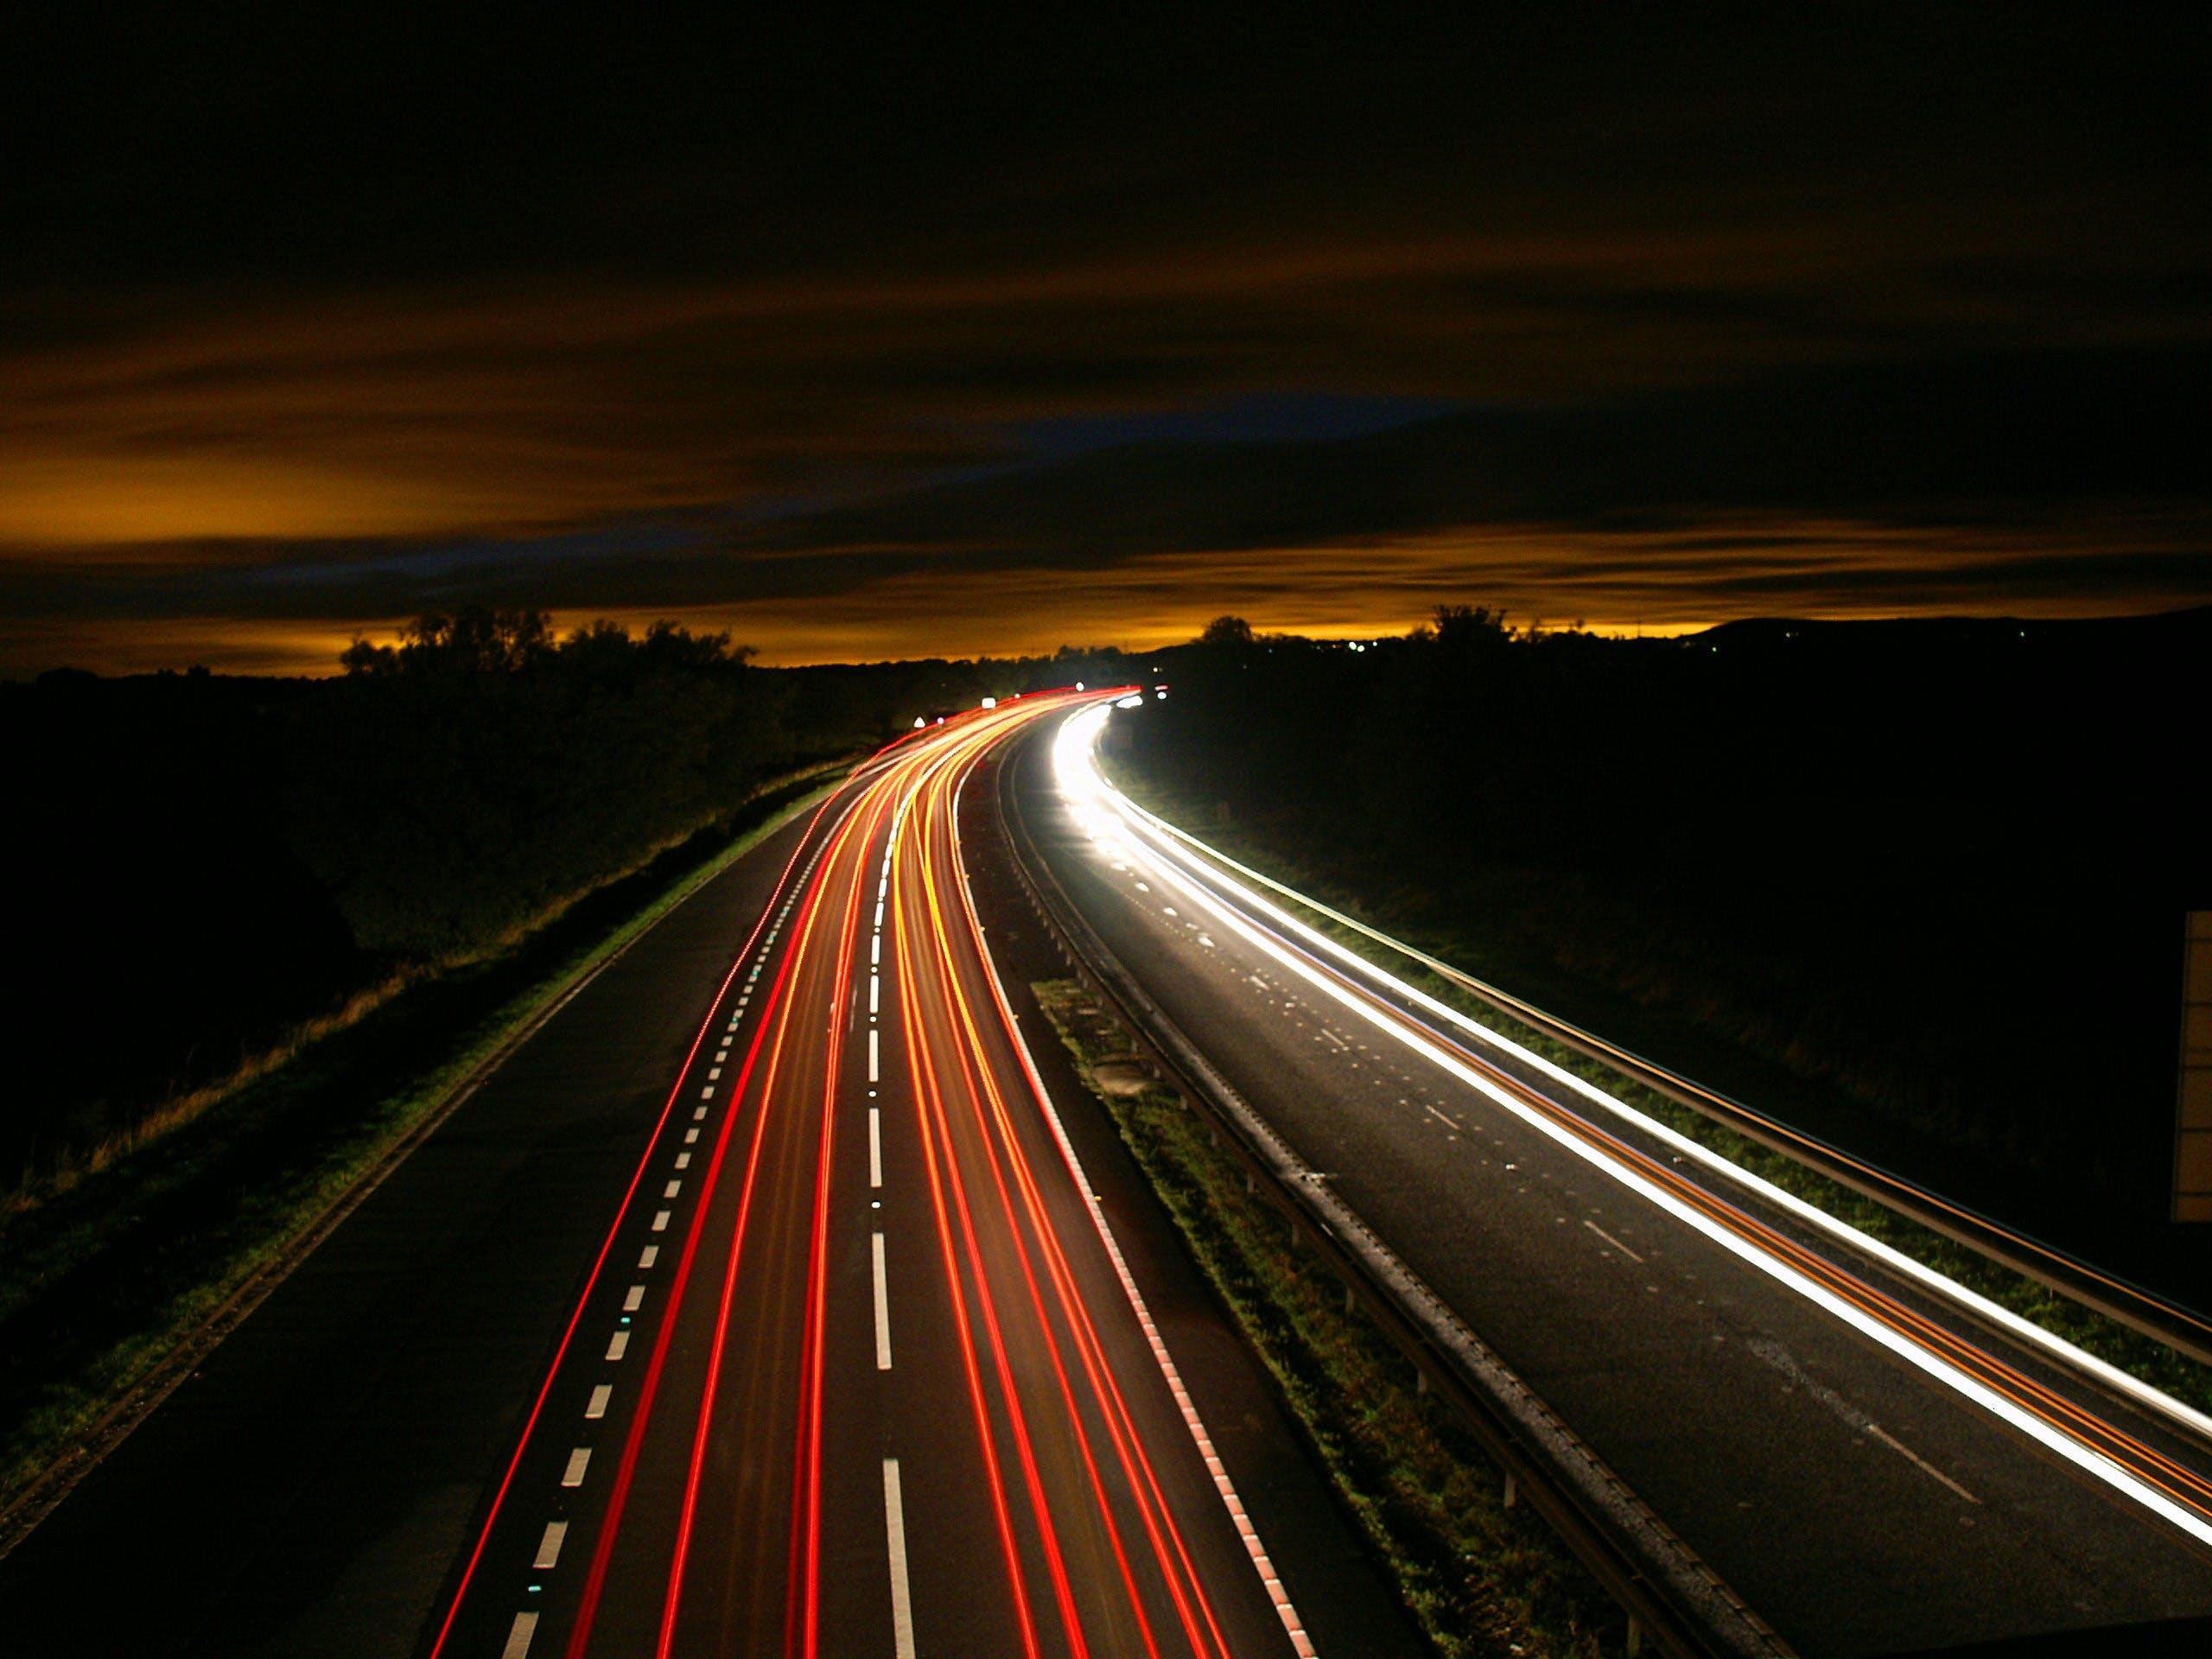 Kostenloses Stock Foto zu straße, beleuchtung, nacht, autobahn